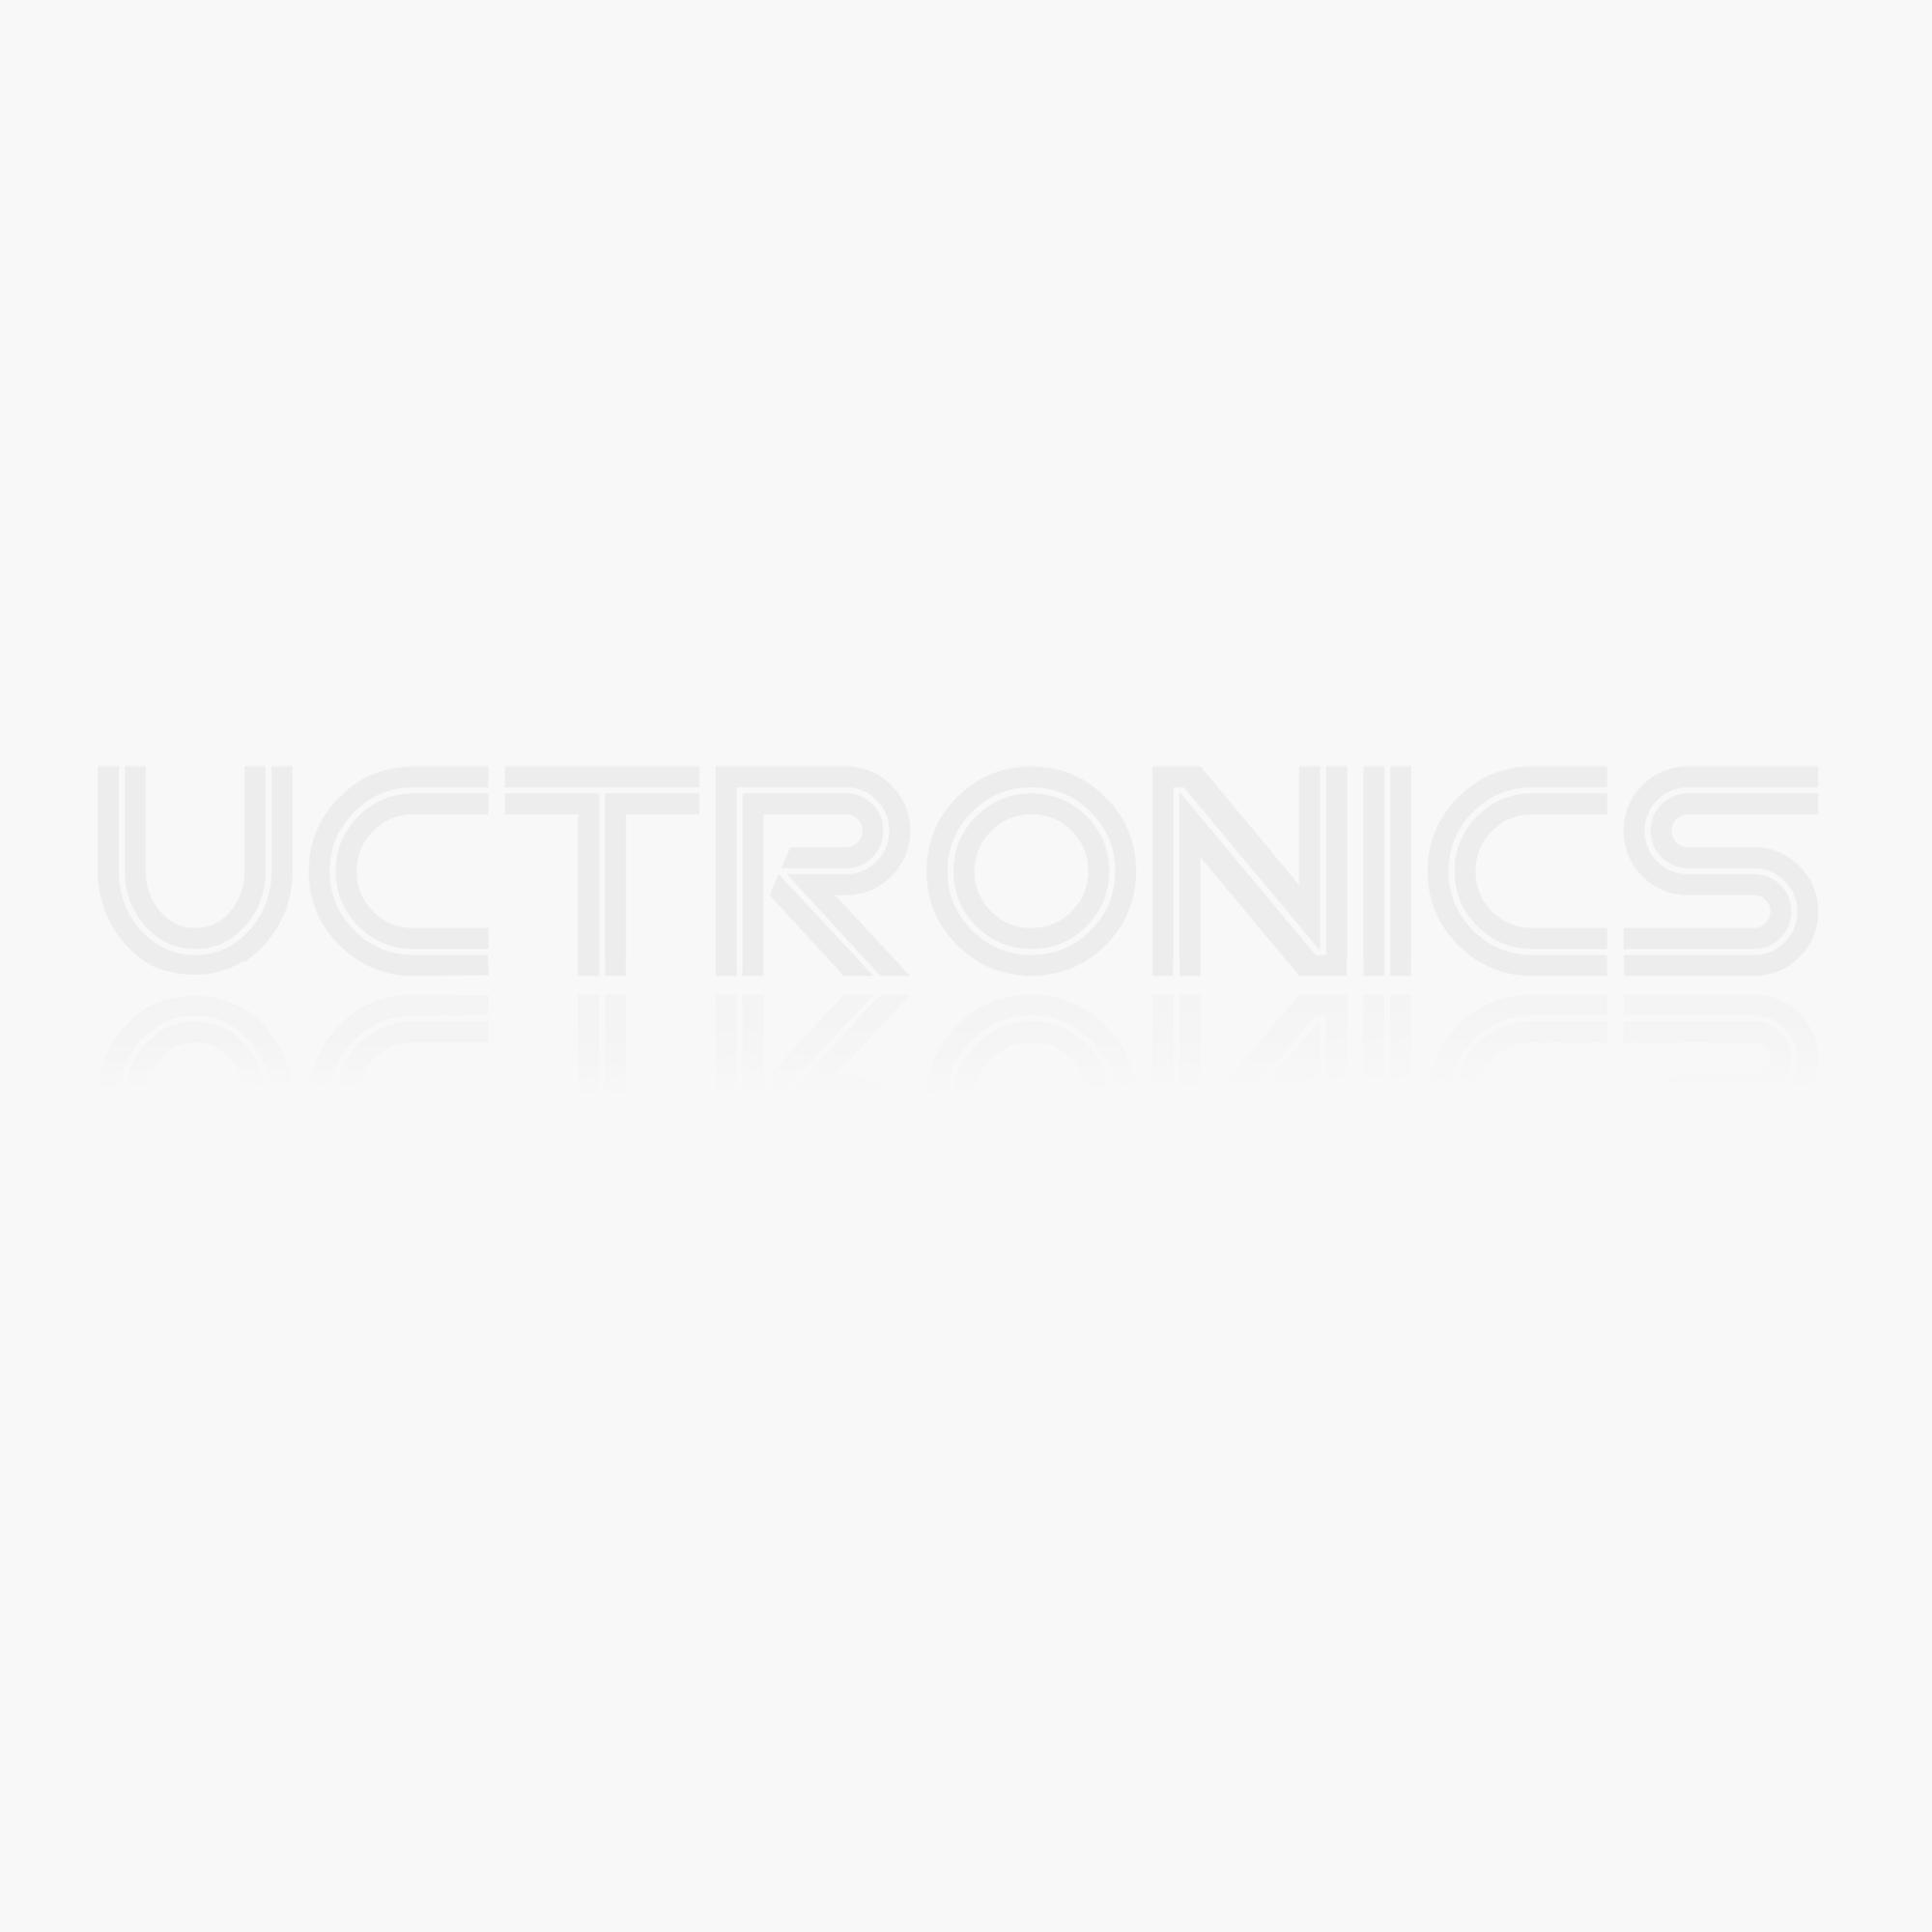 V27D-T1 2-wire Digital DC3.2-30V Voltage Meter Red Self-Powered